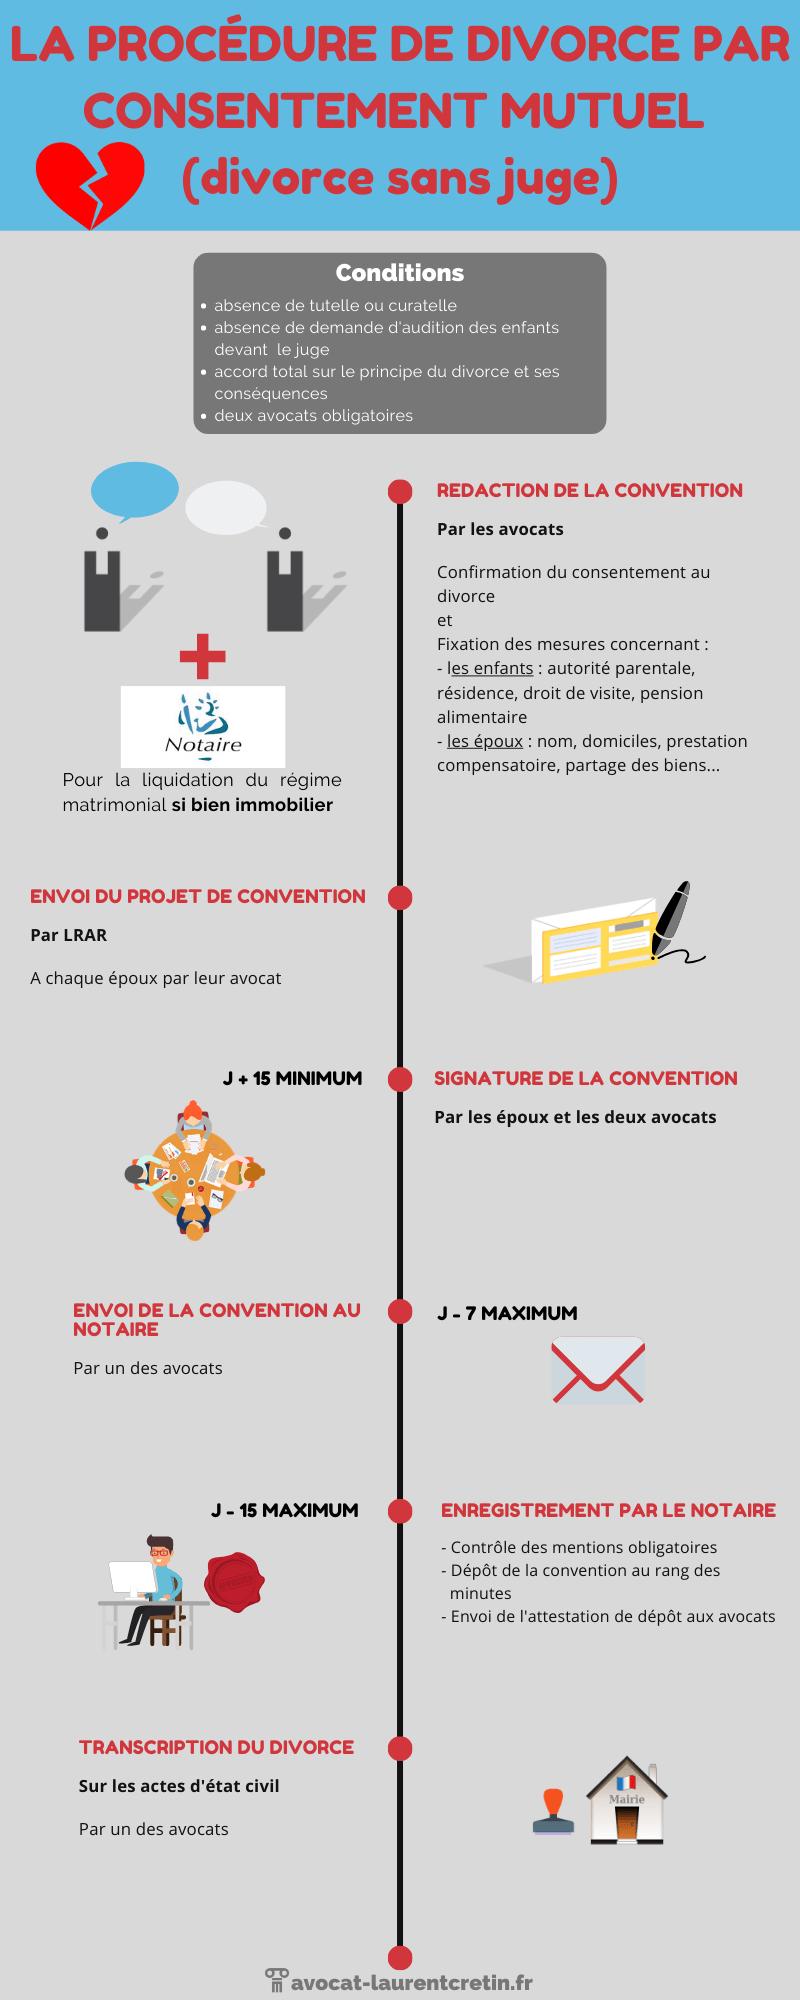 La procédure de divorce par consentement mutuel - infographie